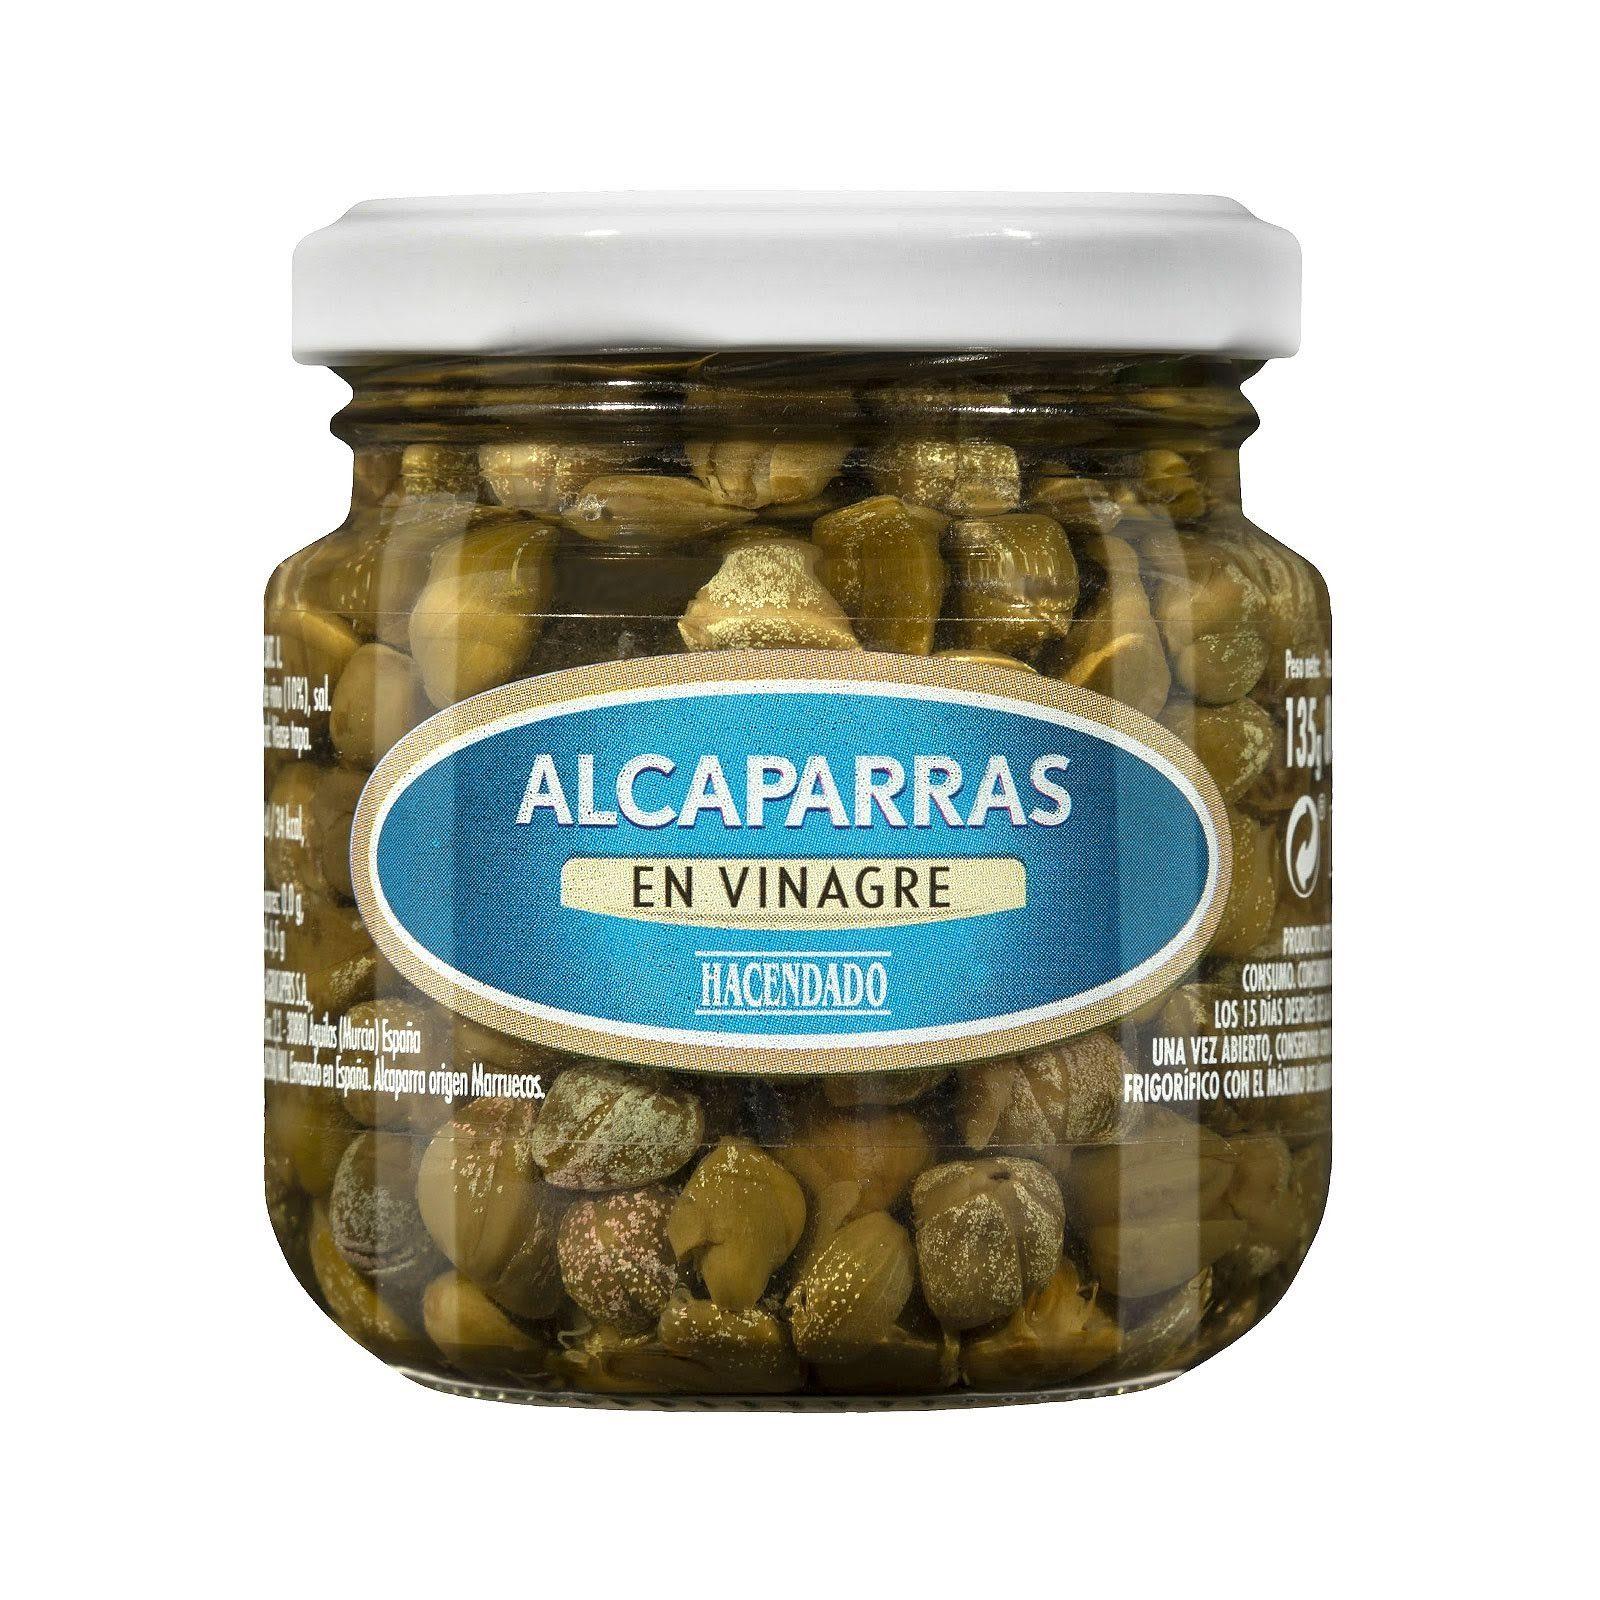 alcaparras-en-vinagre-hacendado-mercadona-1-5602704